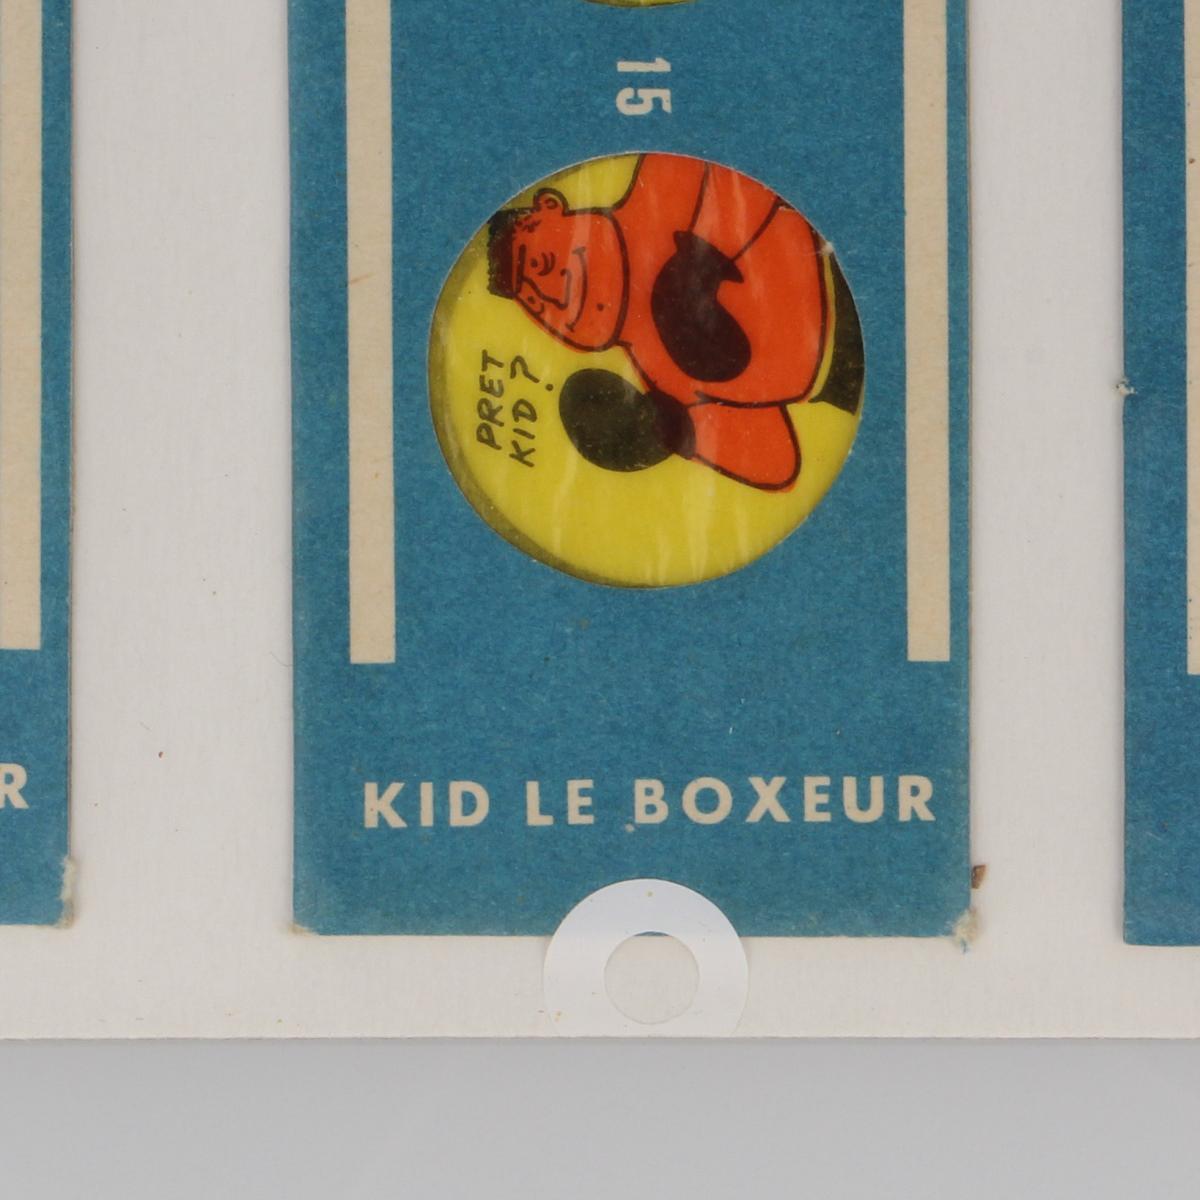 Afbeeldingen van Cinébana - Kid le boxeur